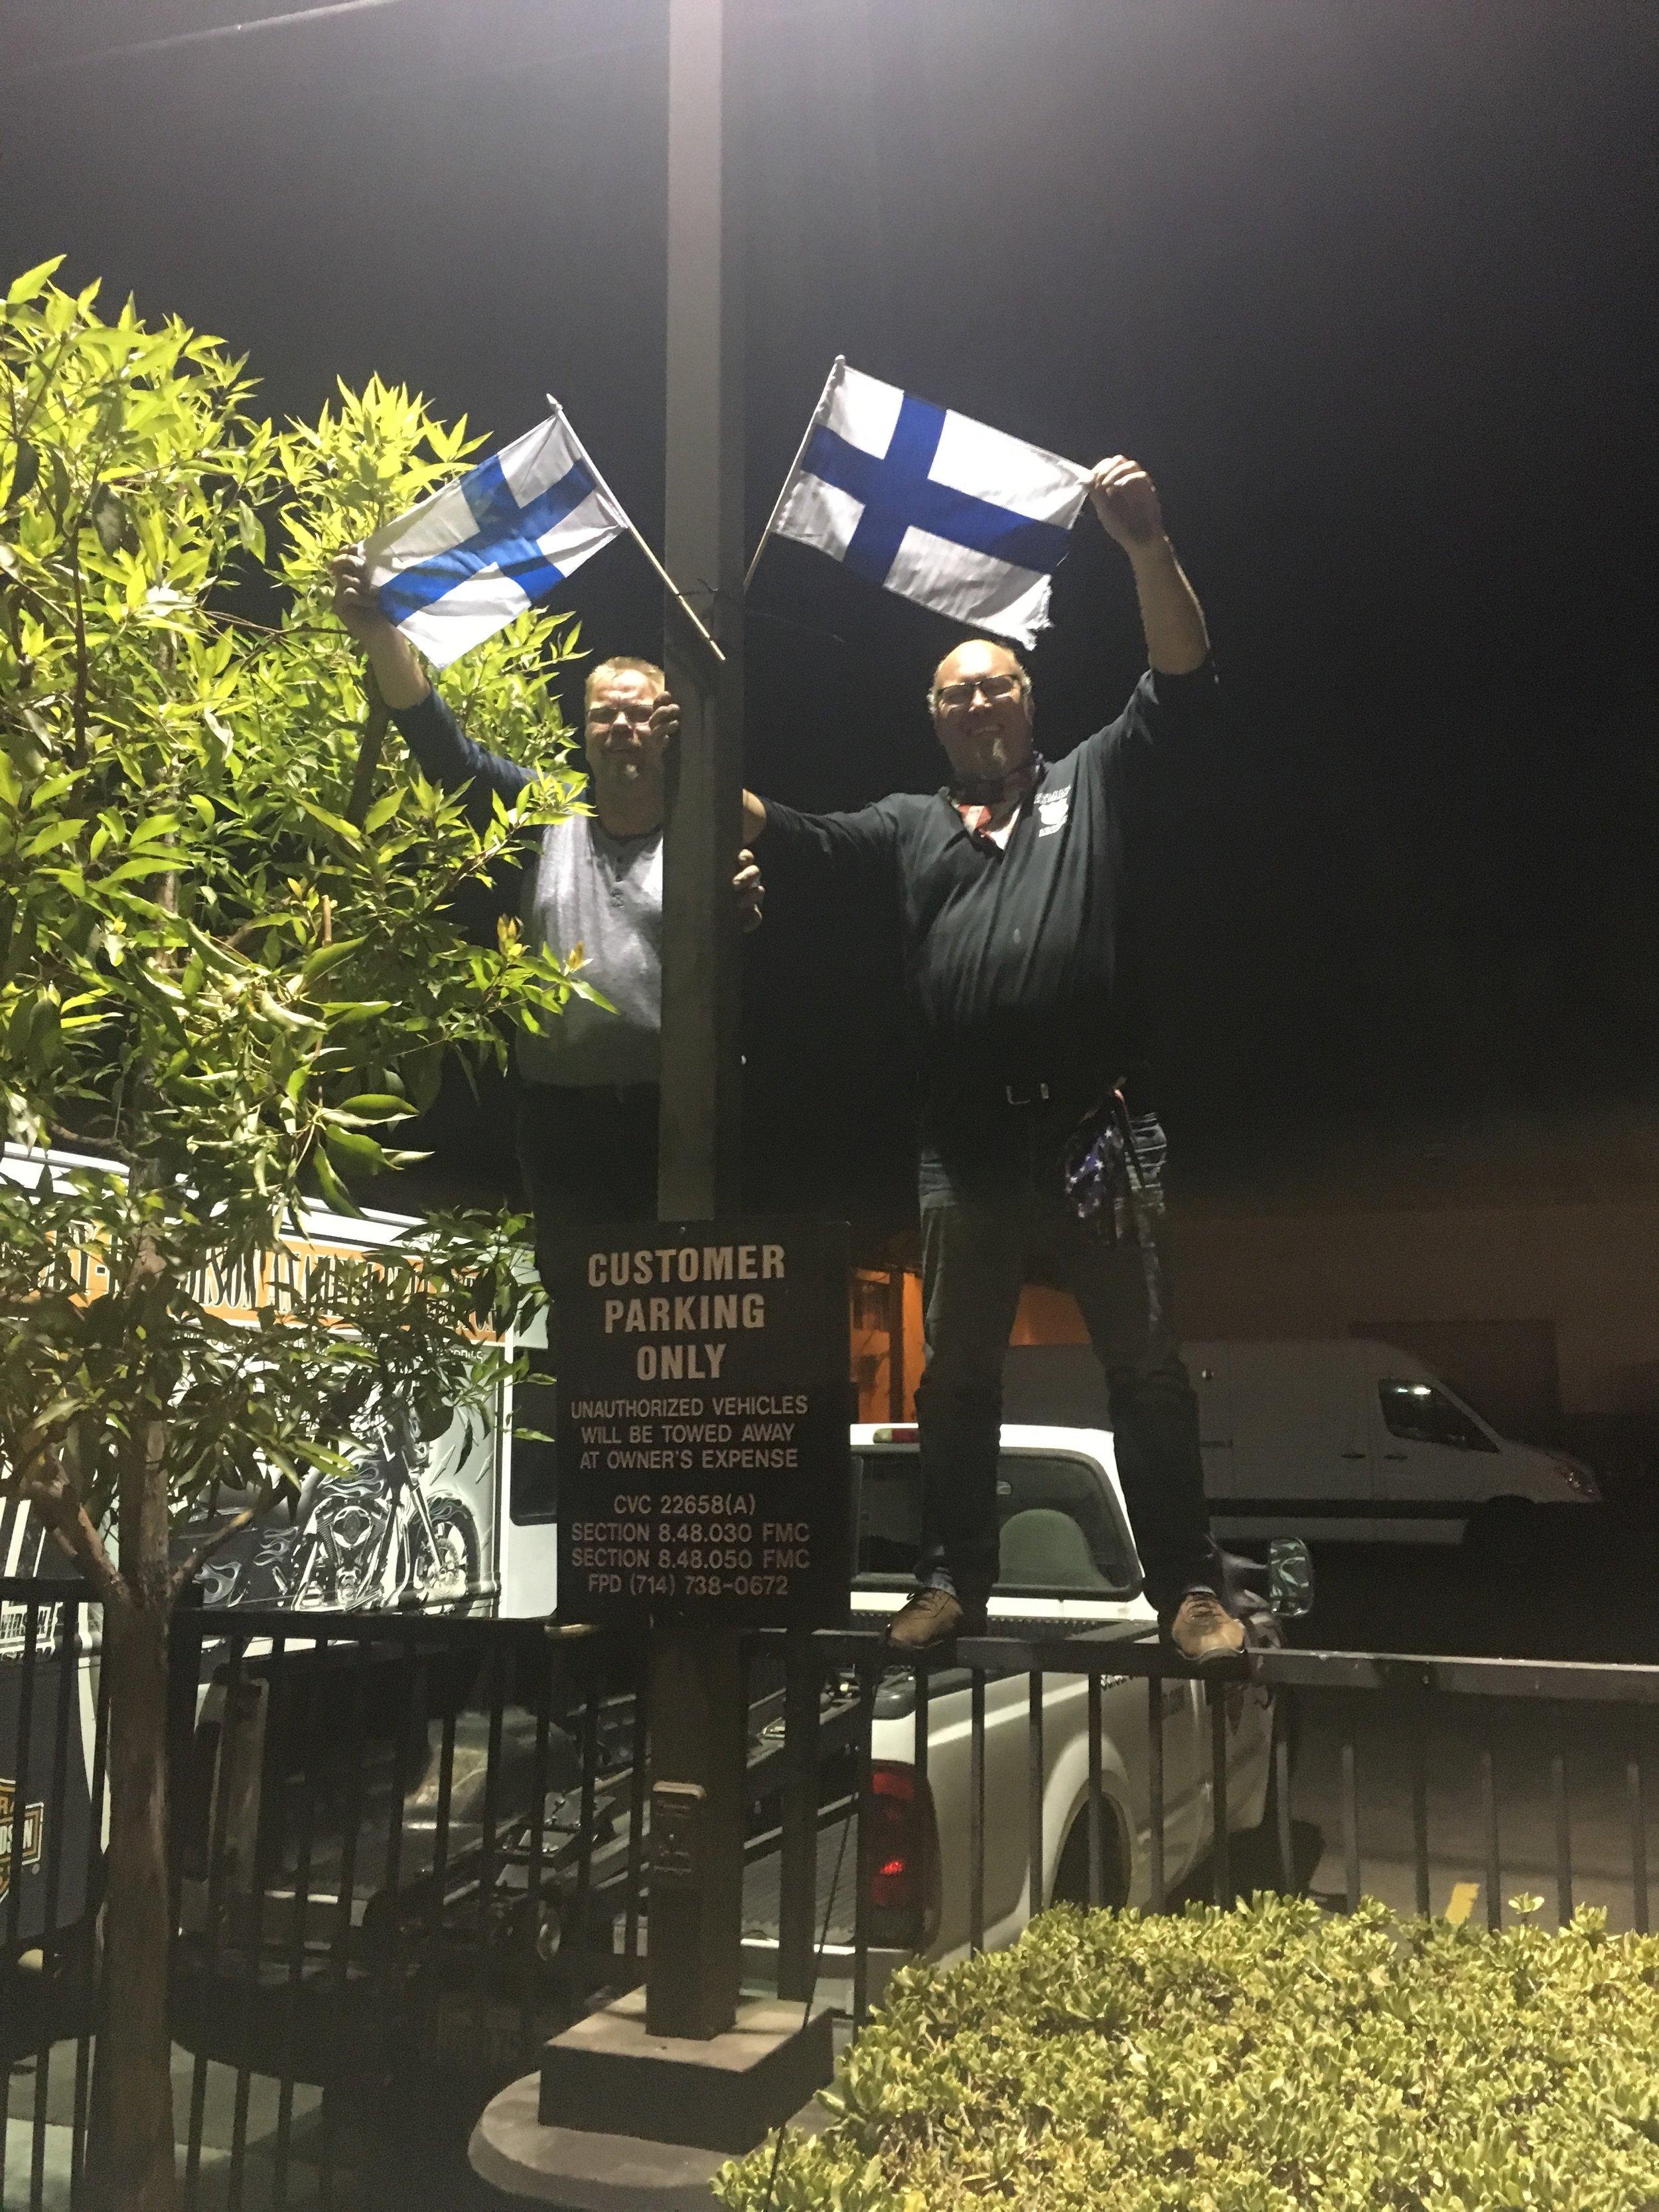 Janne ja Ville jättivät merkin käynnistämme vuokraamon pihaan ;)